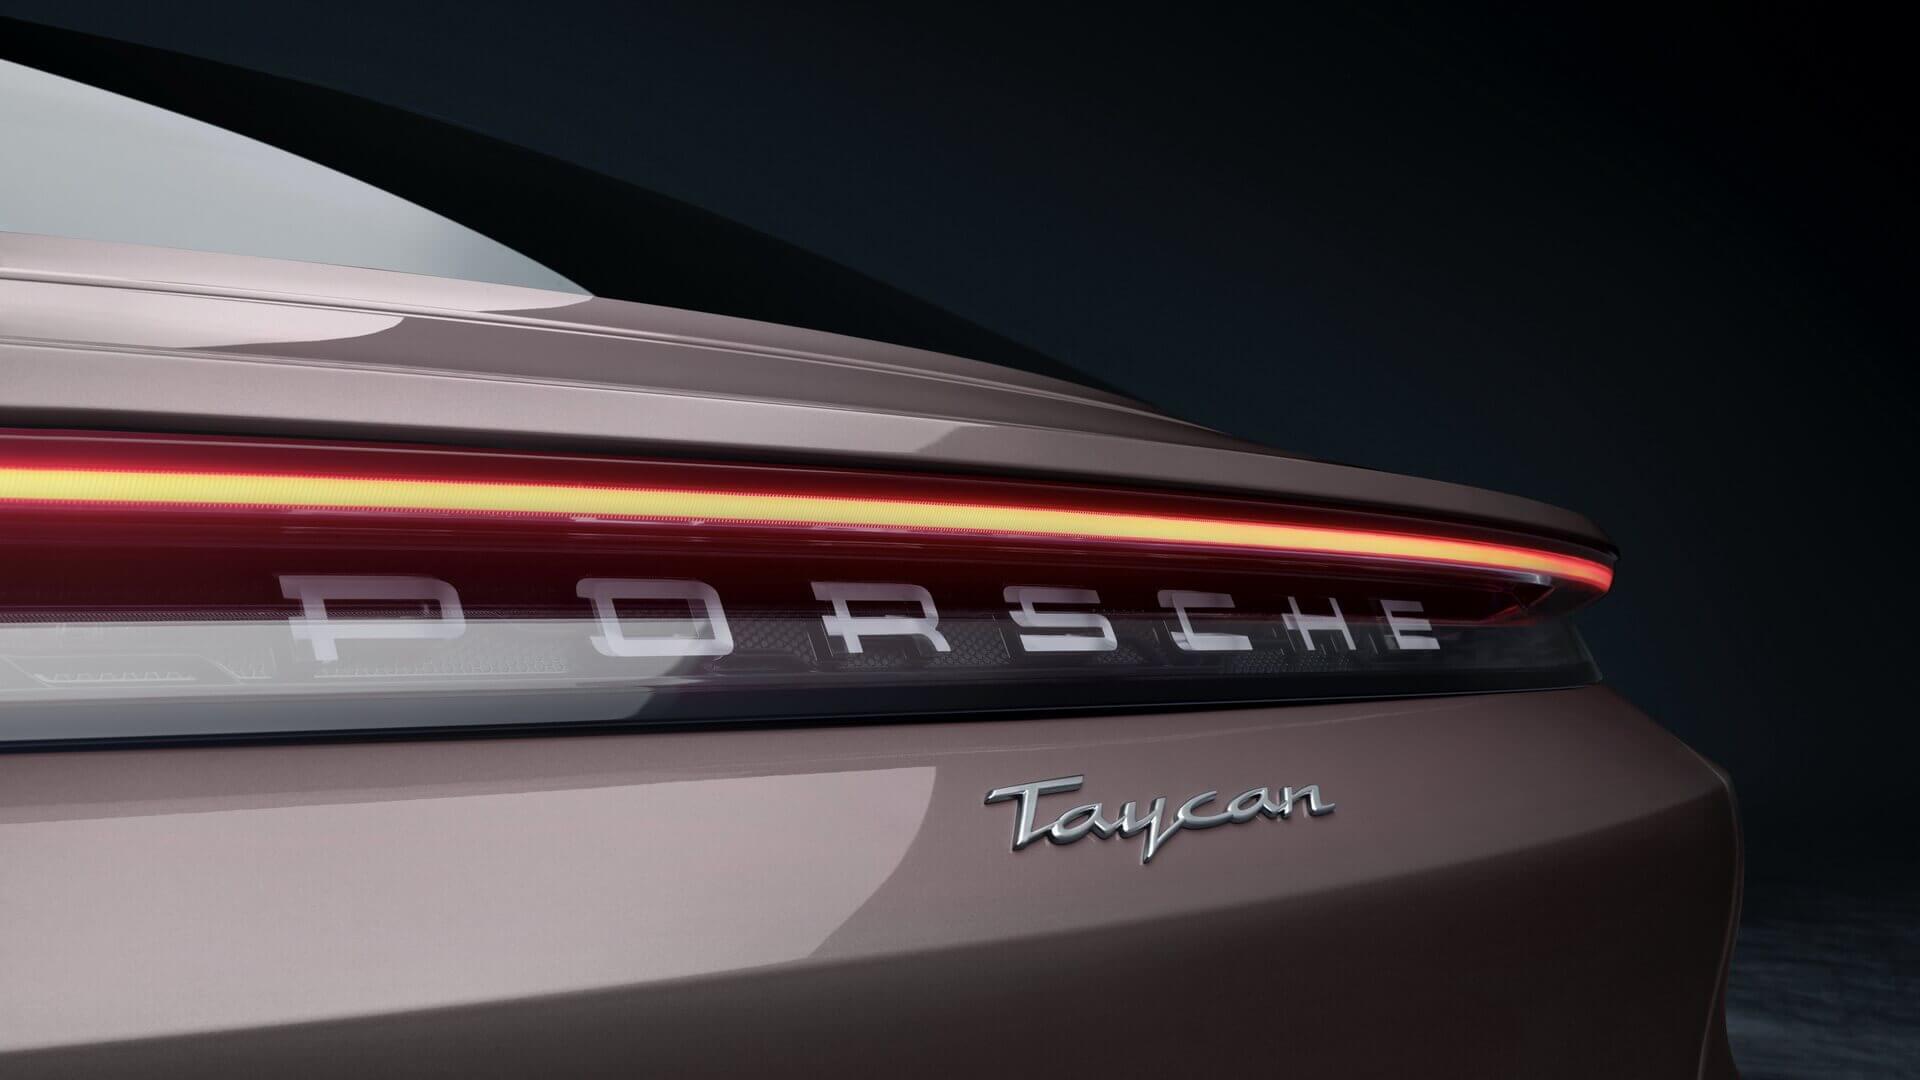 Логотип Porsche, похожий настеклянный, назадней световой панели